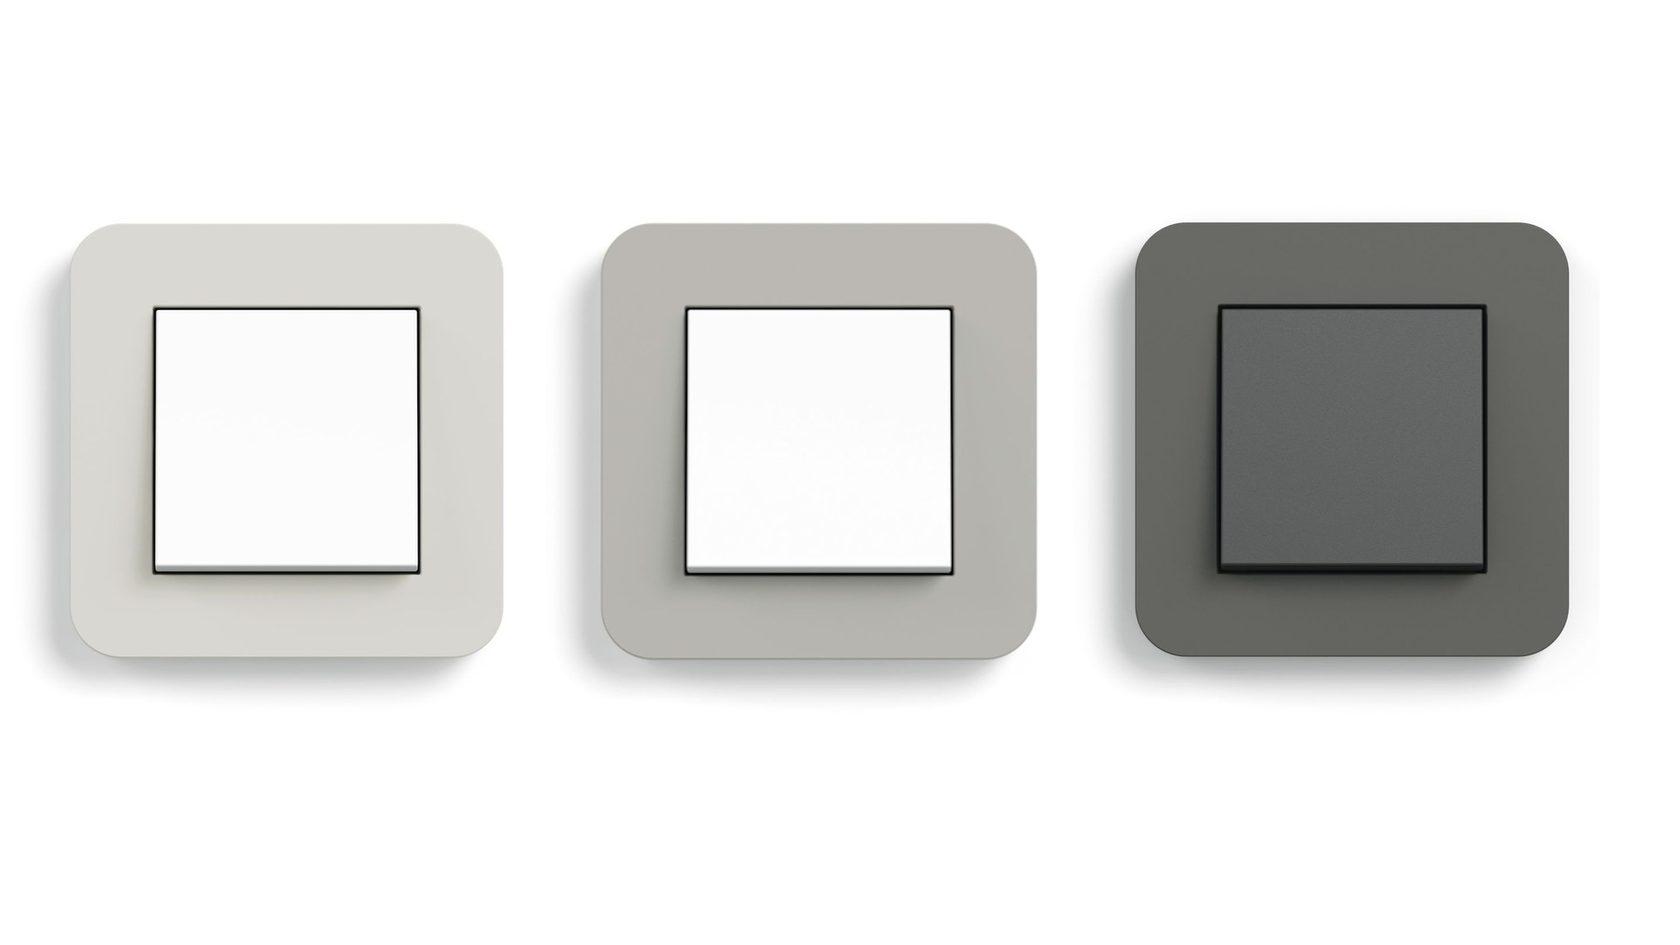 Выключатель освещения:  виды и типы, а также рекомендации при выборе. рейтинг лучших моделей 2020 года + инструкция по установке